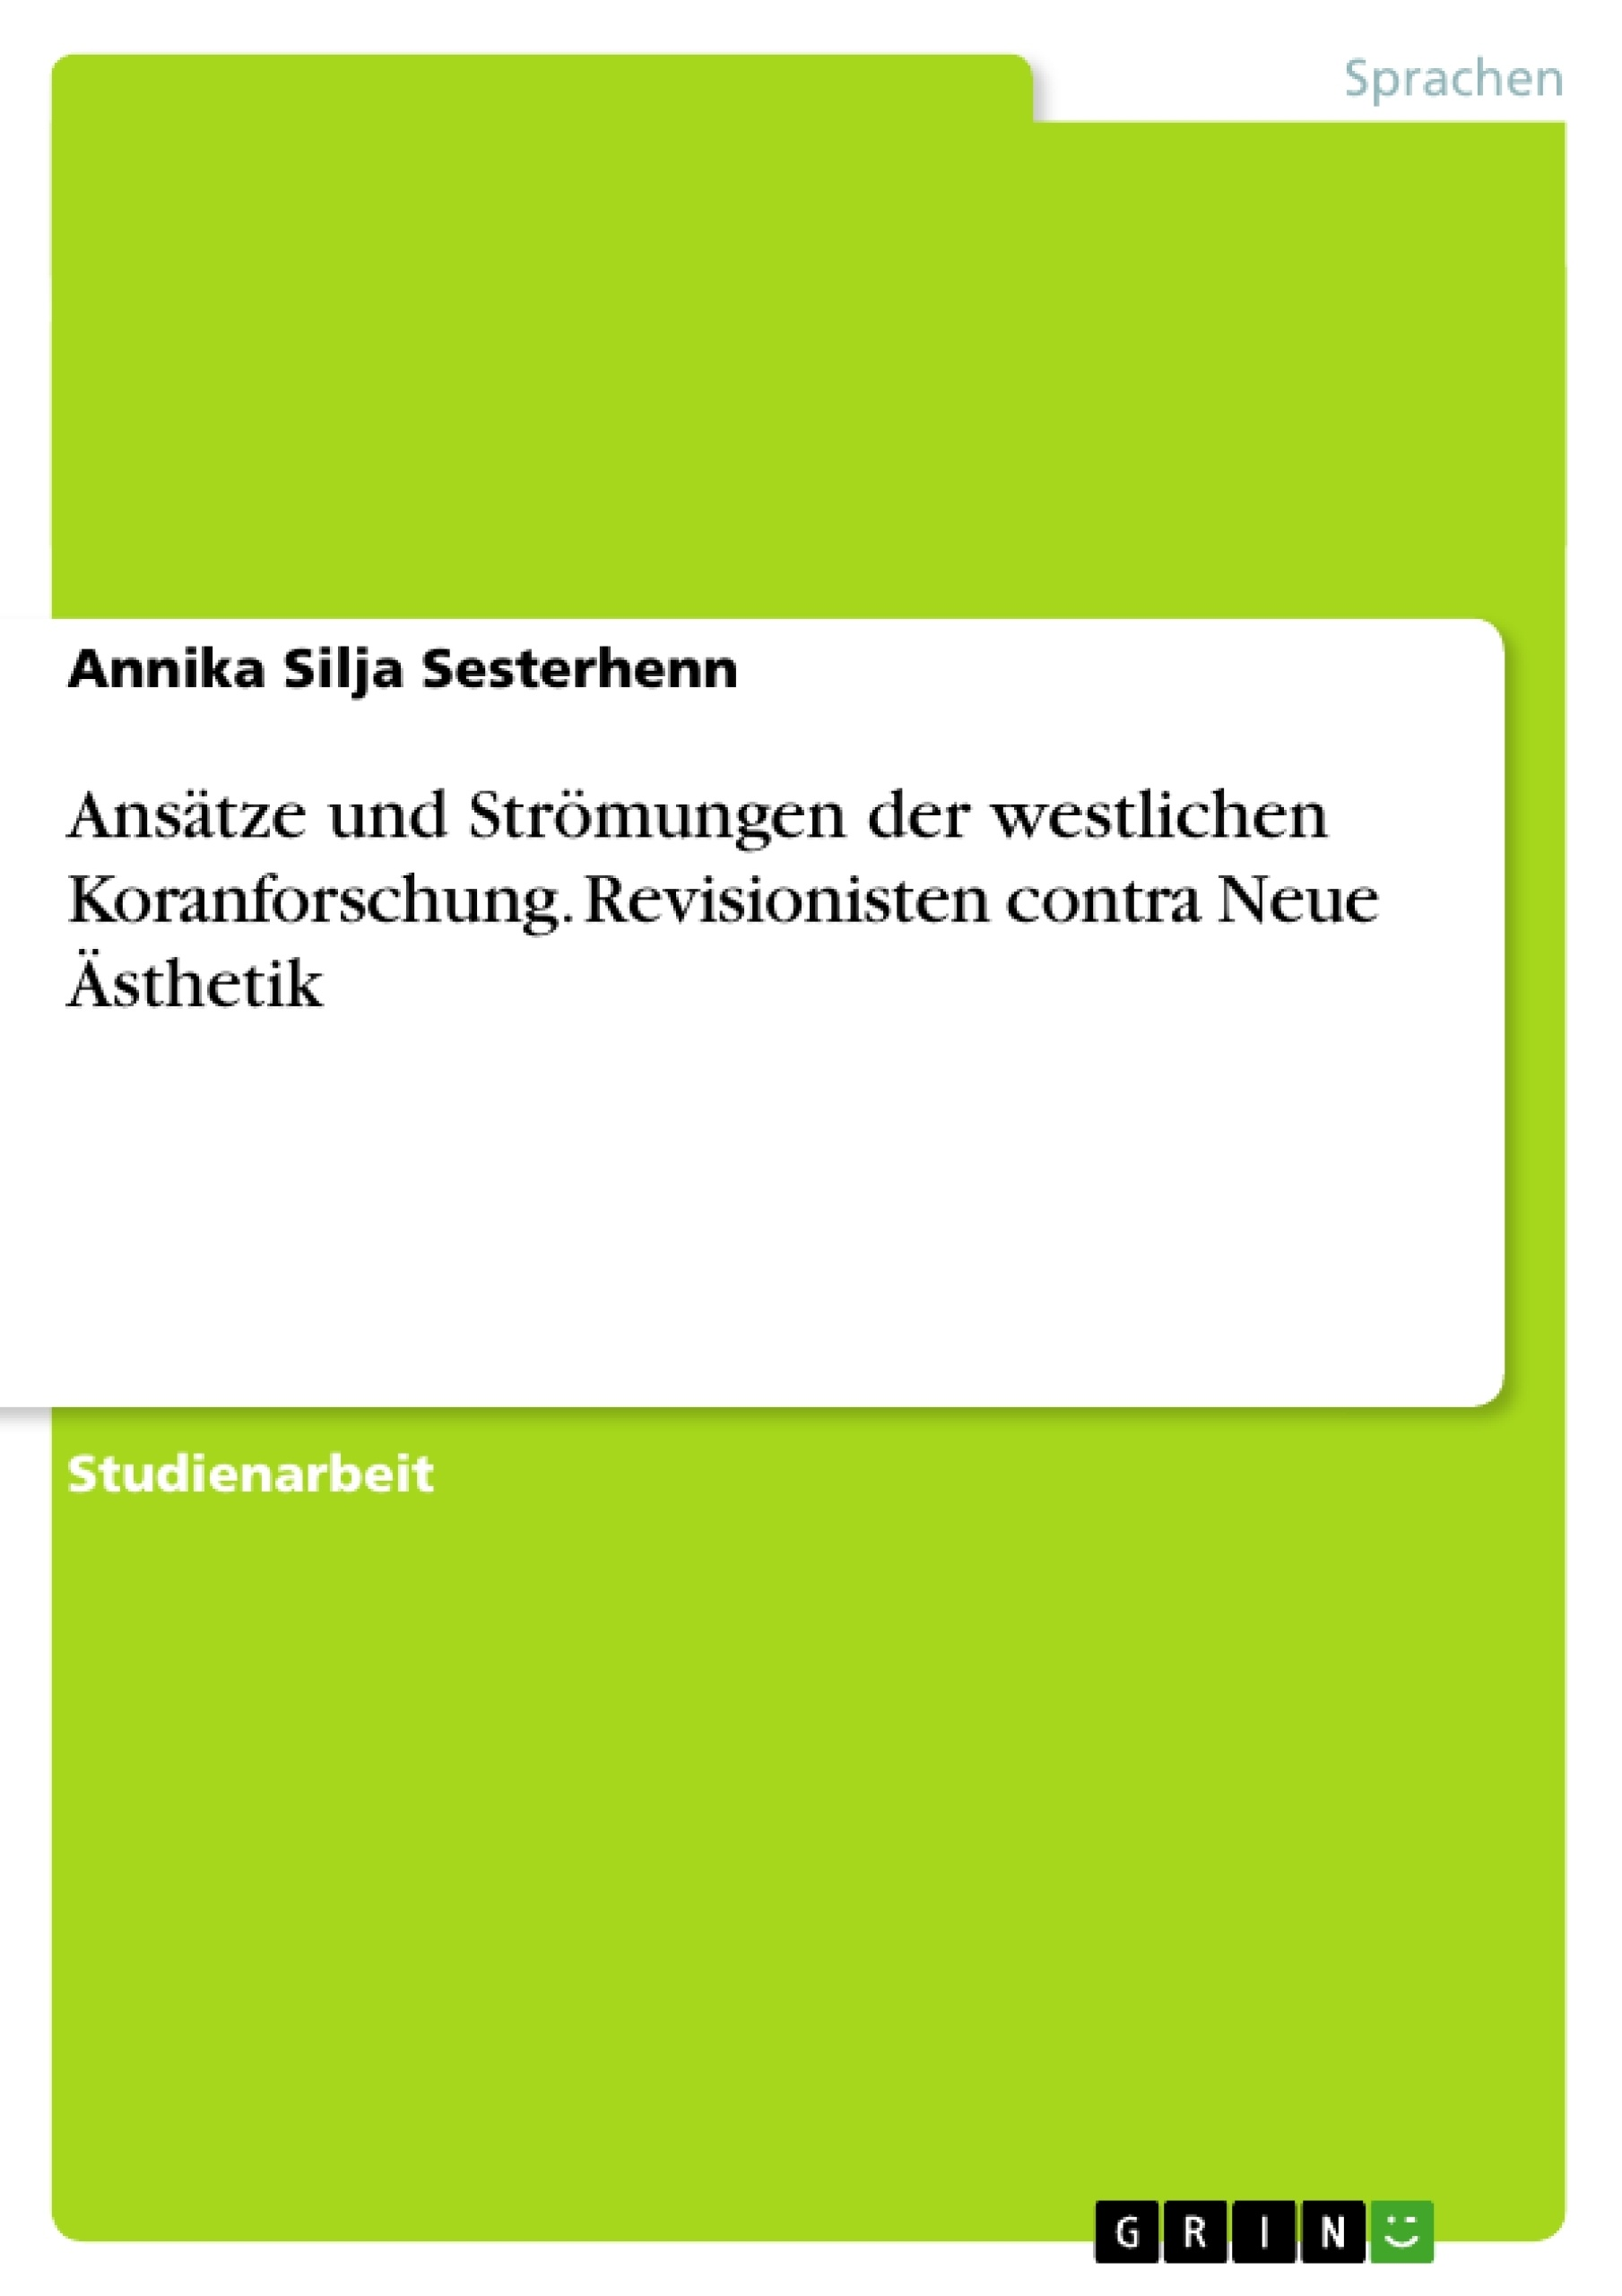 Titel: Ansätze und Strömungen der westlichen Koranforschung. Revisionisten contra Neue Ästhetik